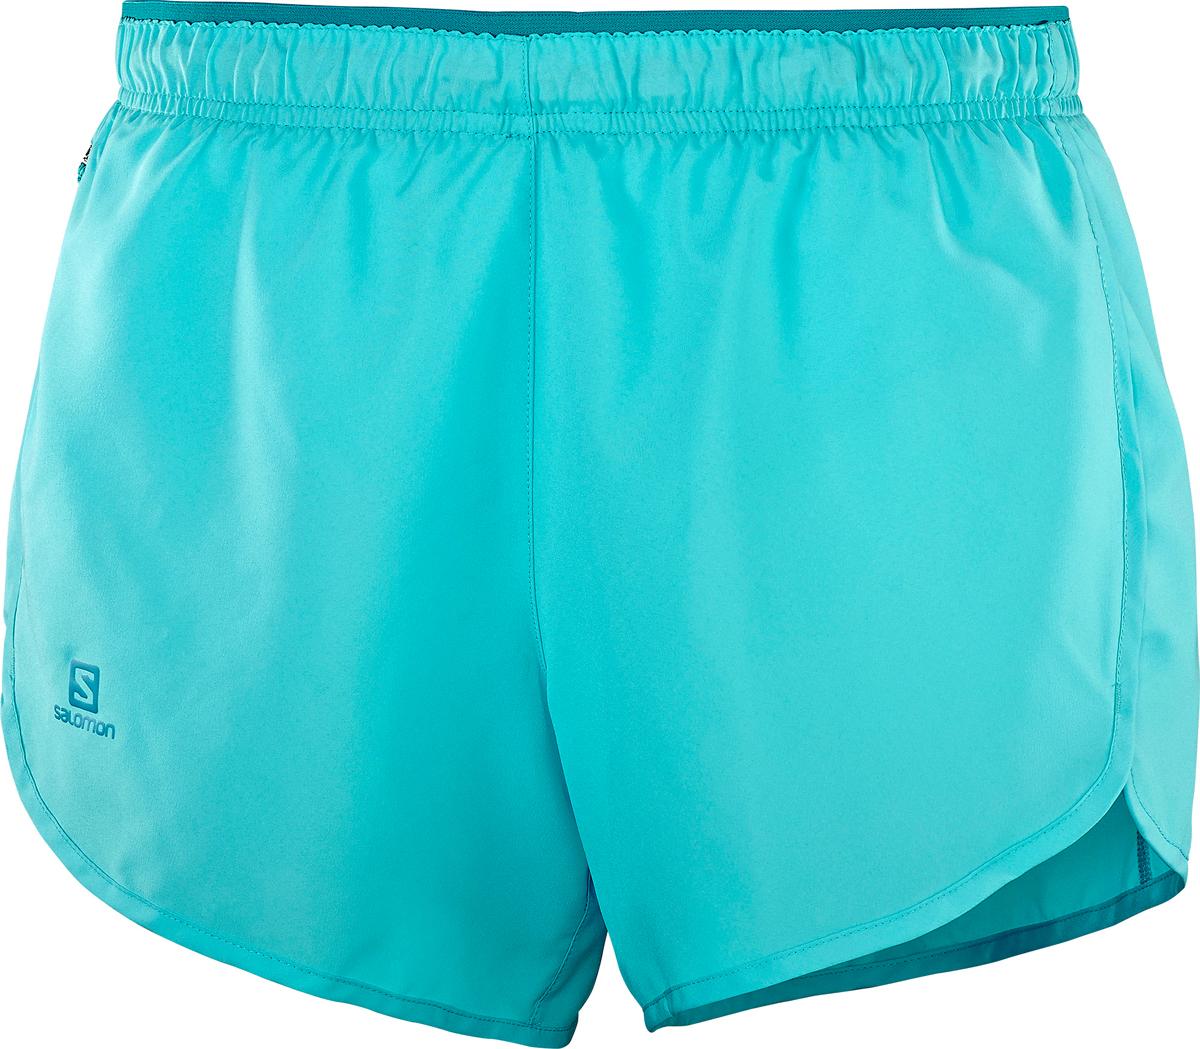 Шорты женские Salomon Agile Short W, цвет: голубой. L40128600. Размер XS (40/42)L40128600Укороченные шорты от Salomon выполнены из высококачественного материала. Модель с эластичной резинкой на талии.